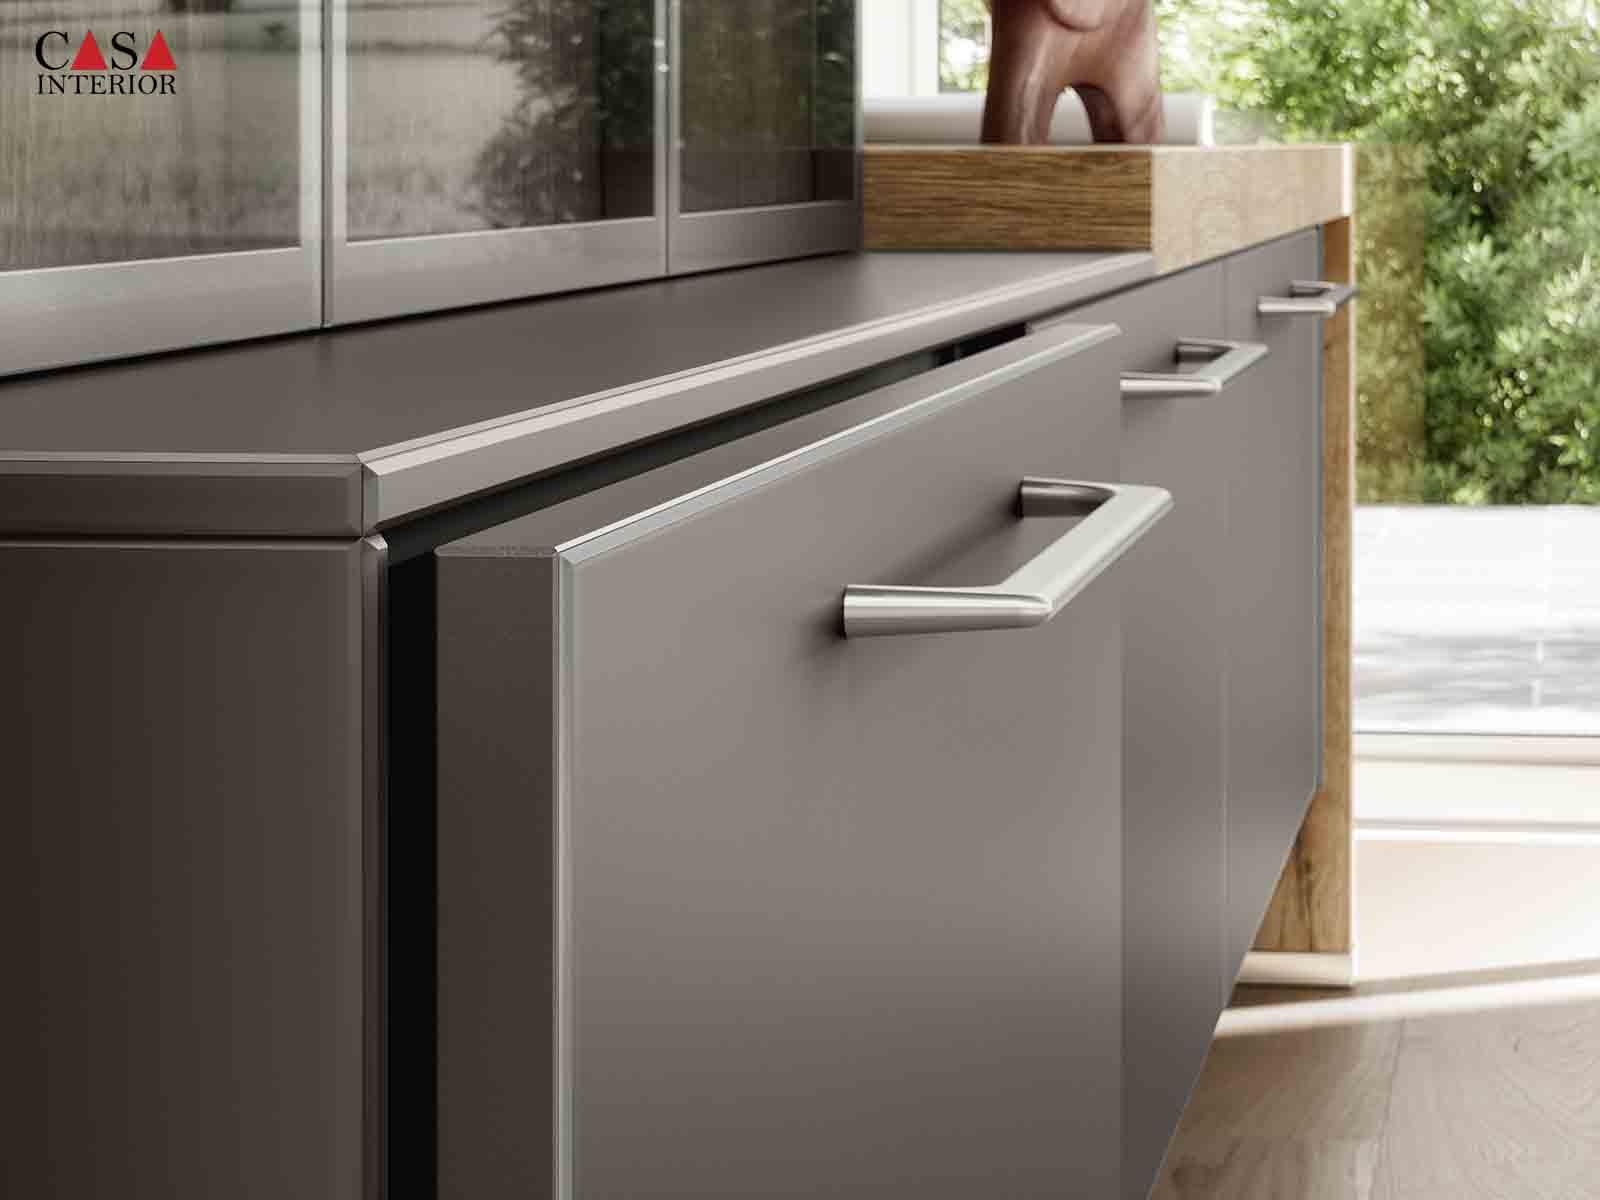 Küchentime Artis 937 - Livingroom